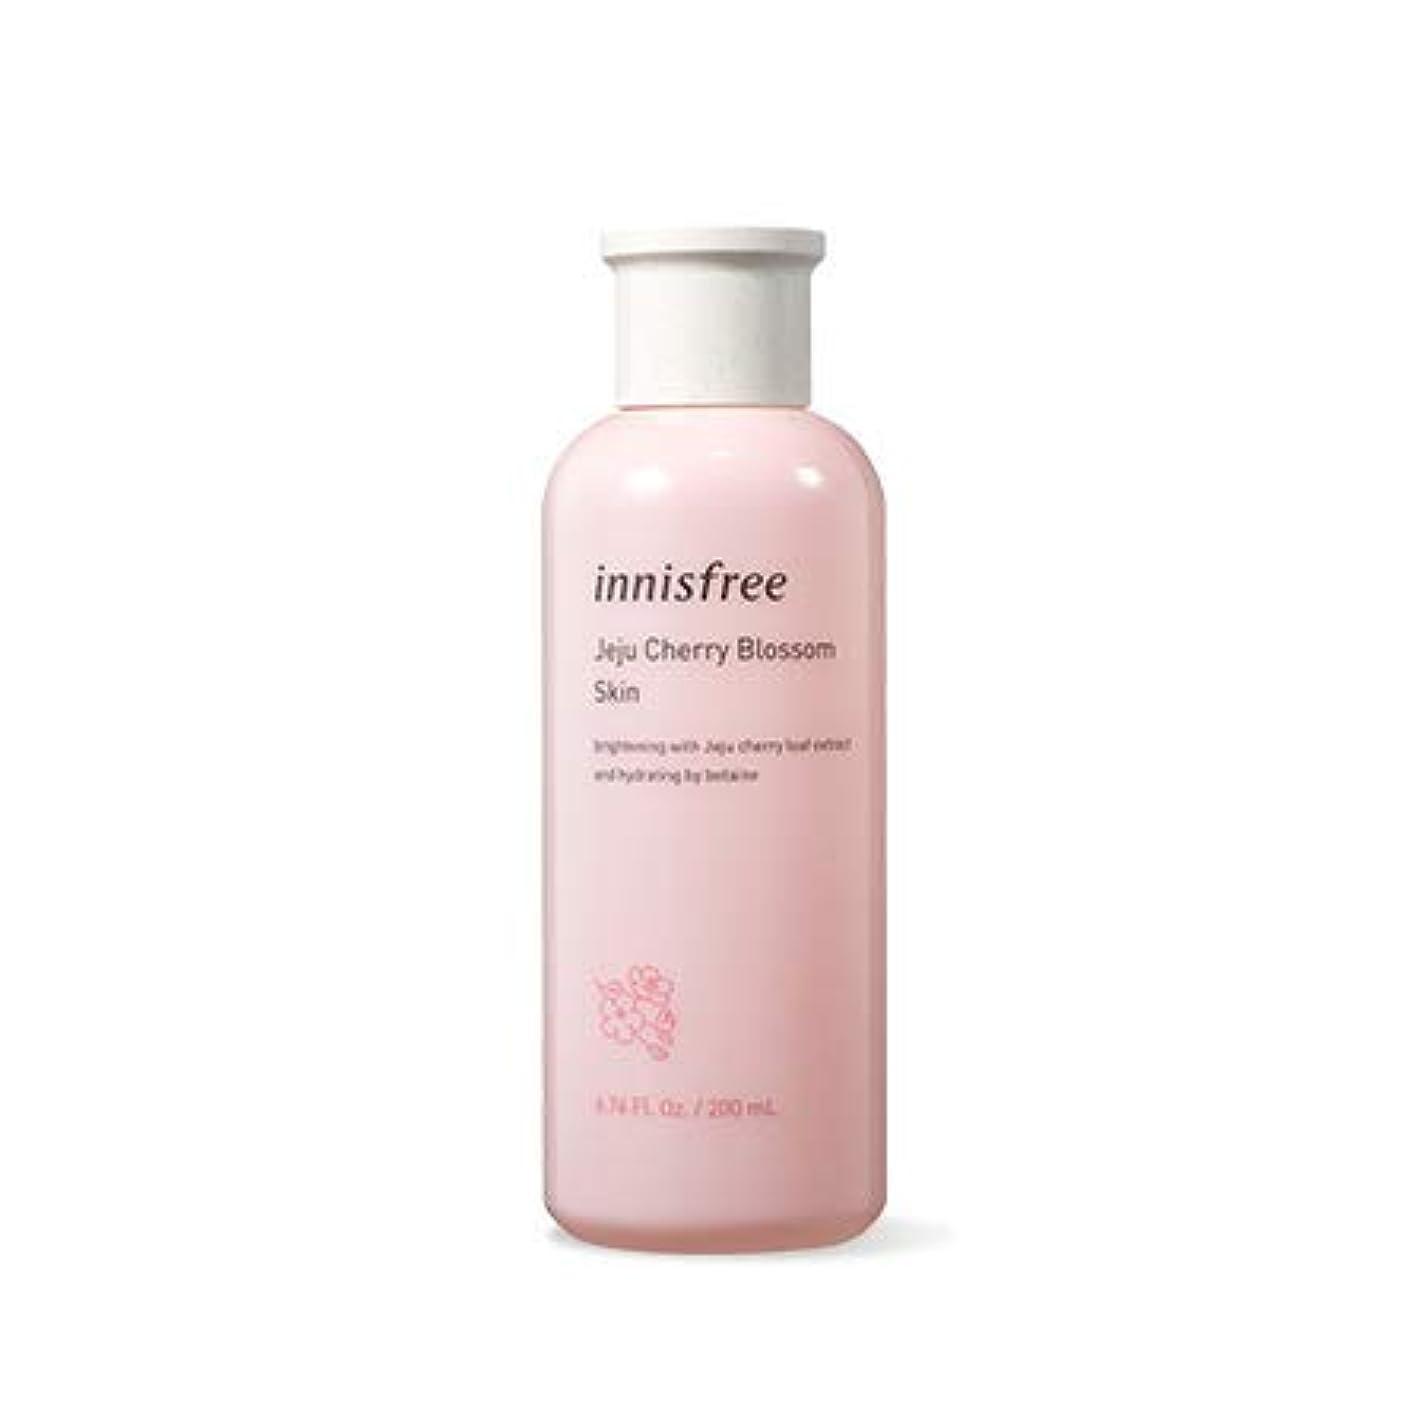 硬化するバズ勧告イニスフリー 済州 チェリー ブラッサム スキン 200ml / Innisfree Jeju Cherry Blossom Skin 200ml [並行輸入品]